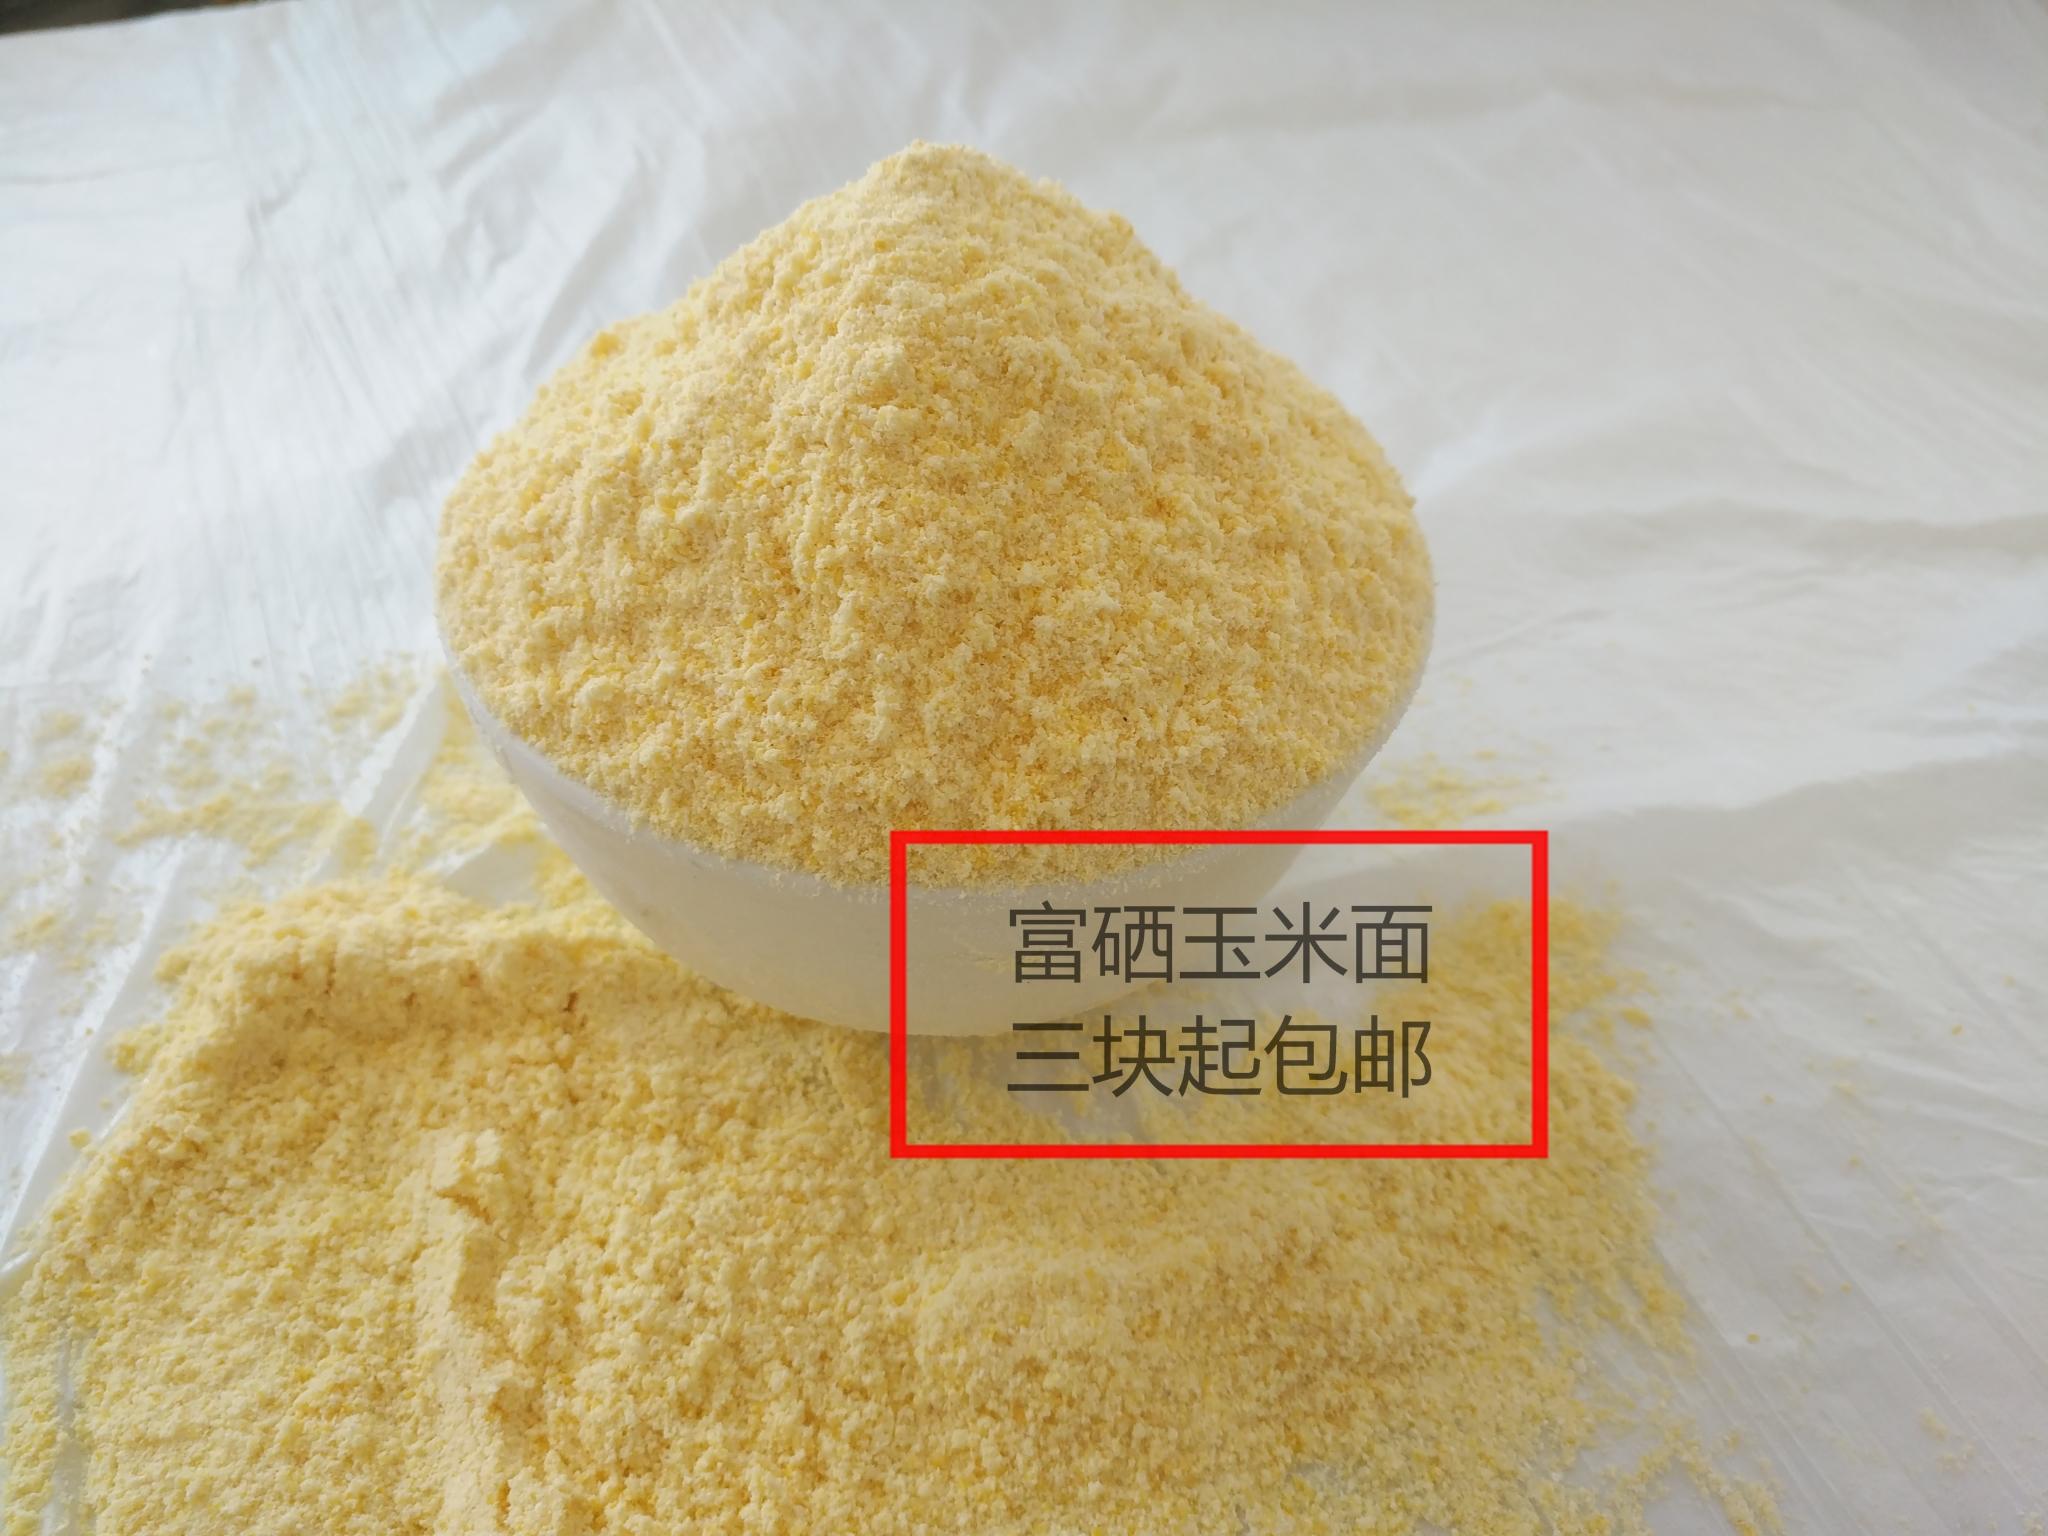 东北黑龙江富硒玉米粉 玉米面 苞米面 窝窝头面粉 0.4kg真空包装